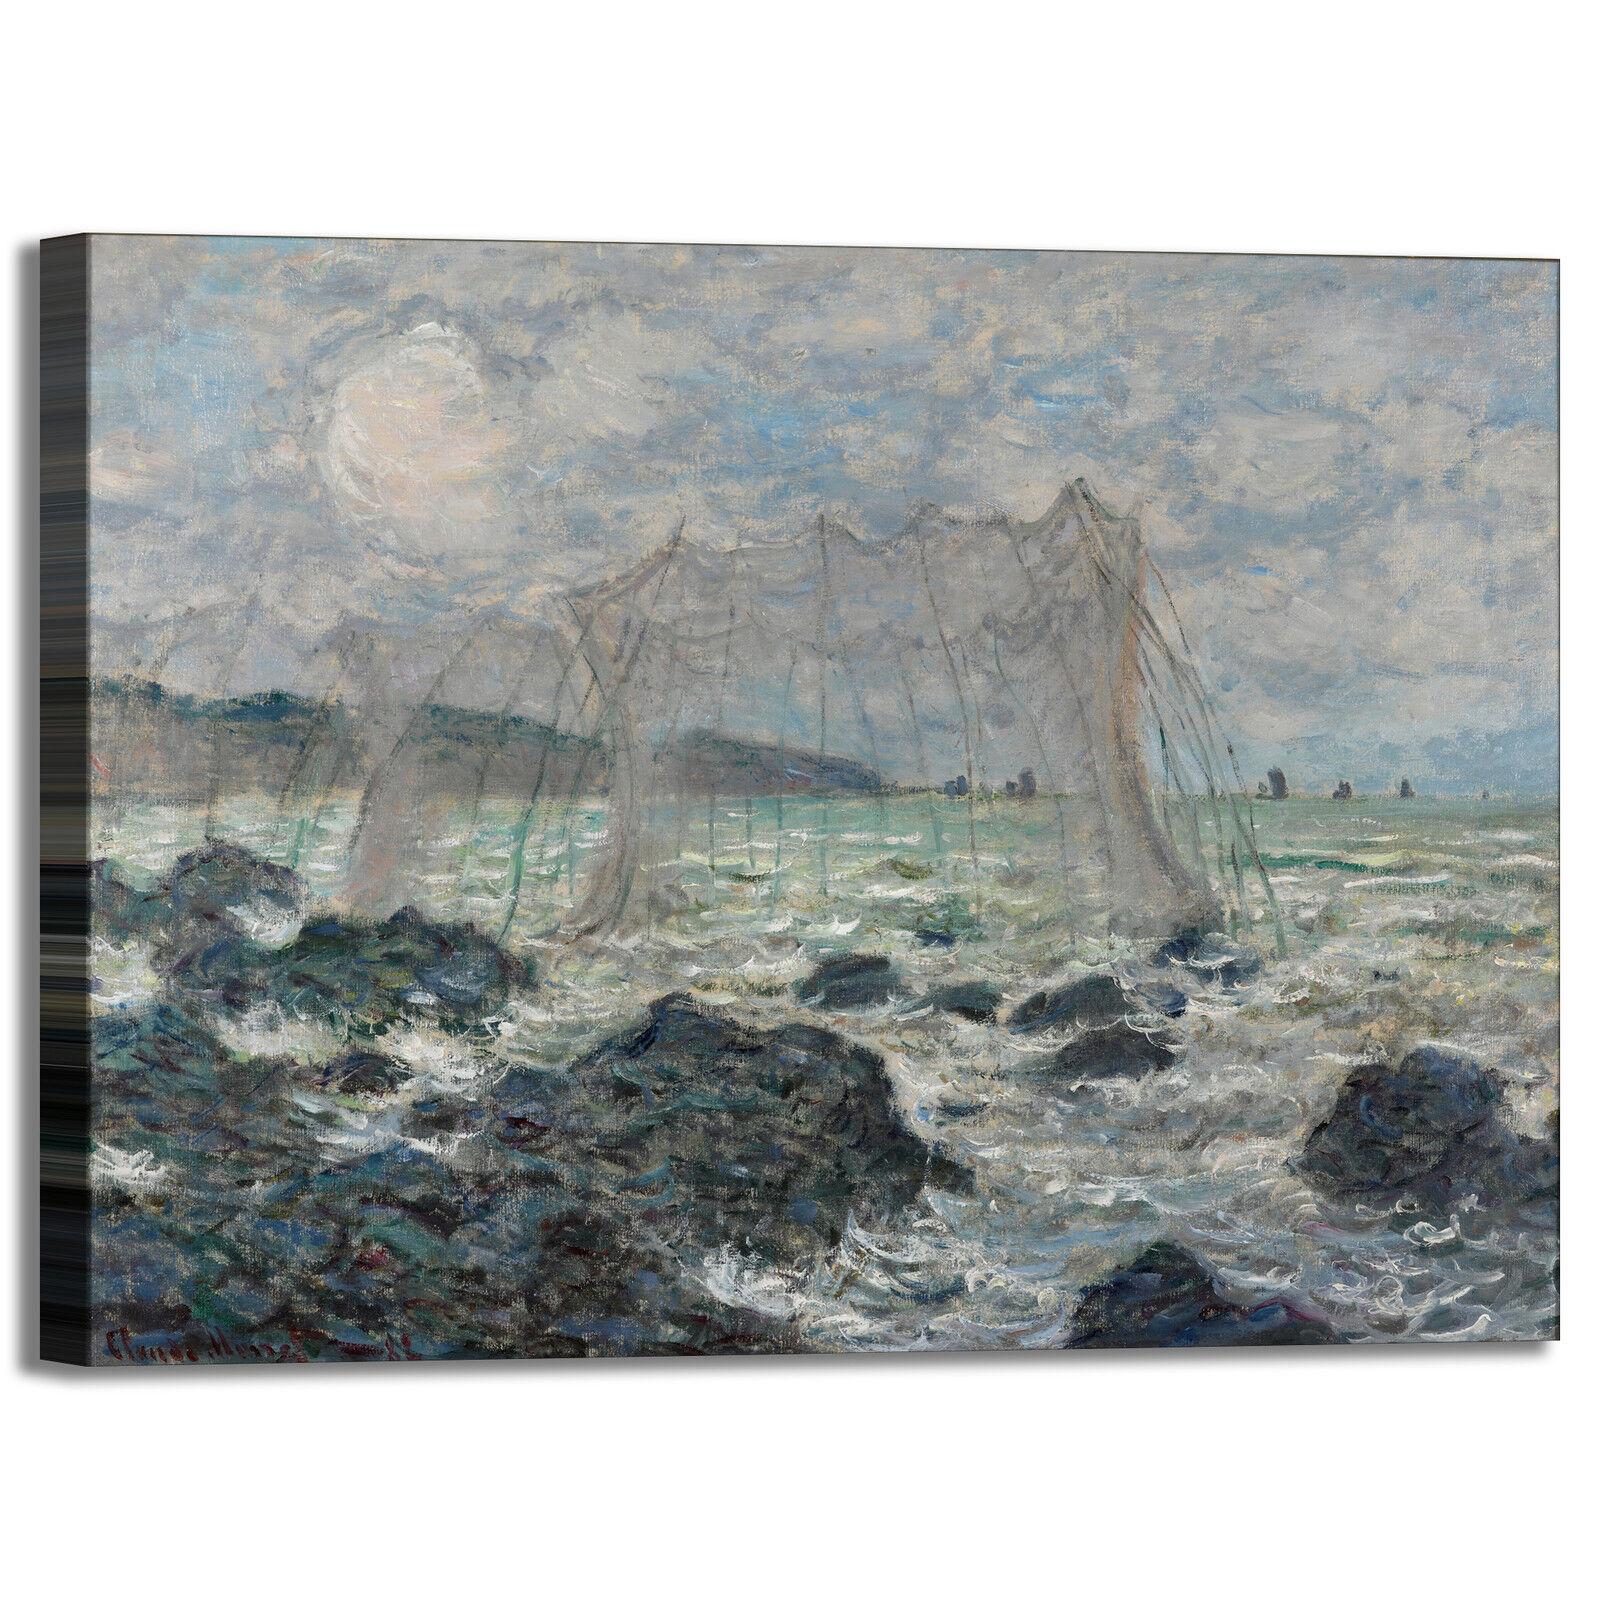 Monet reti da pesca design quadro quadro design stampa tela dipinto telaio arRouge o casa 4aa5e0